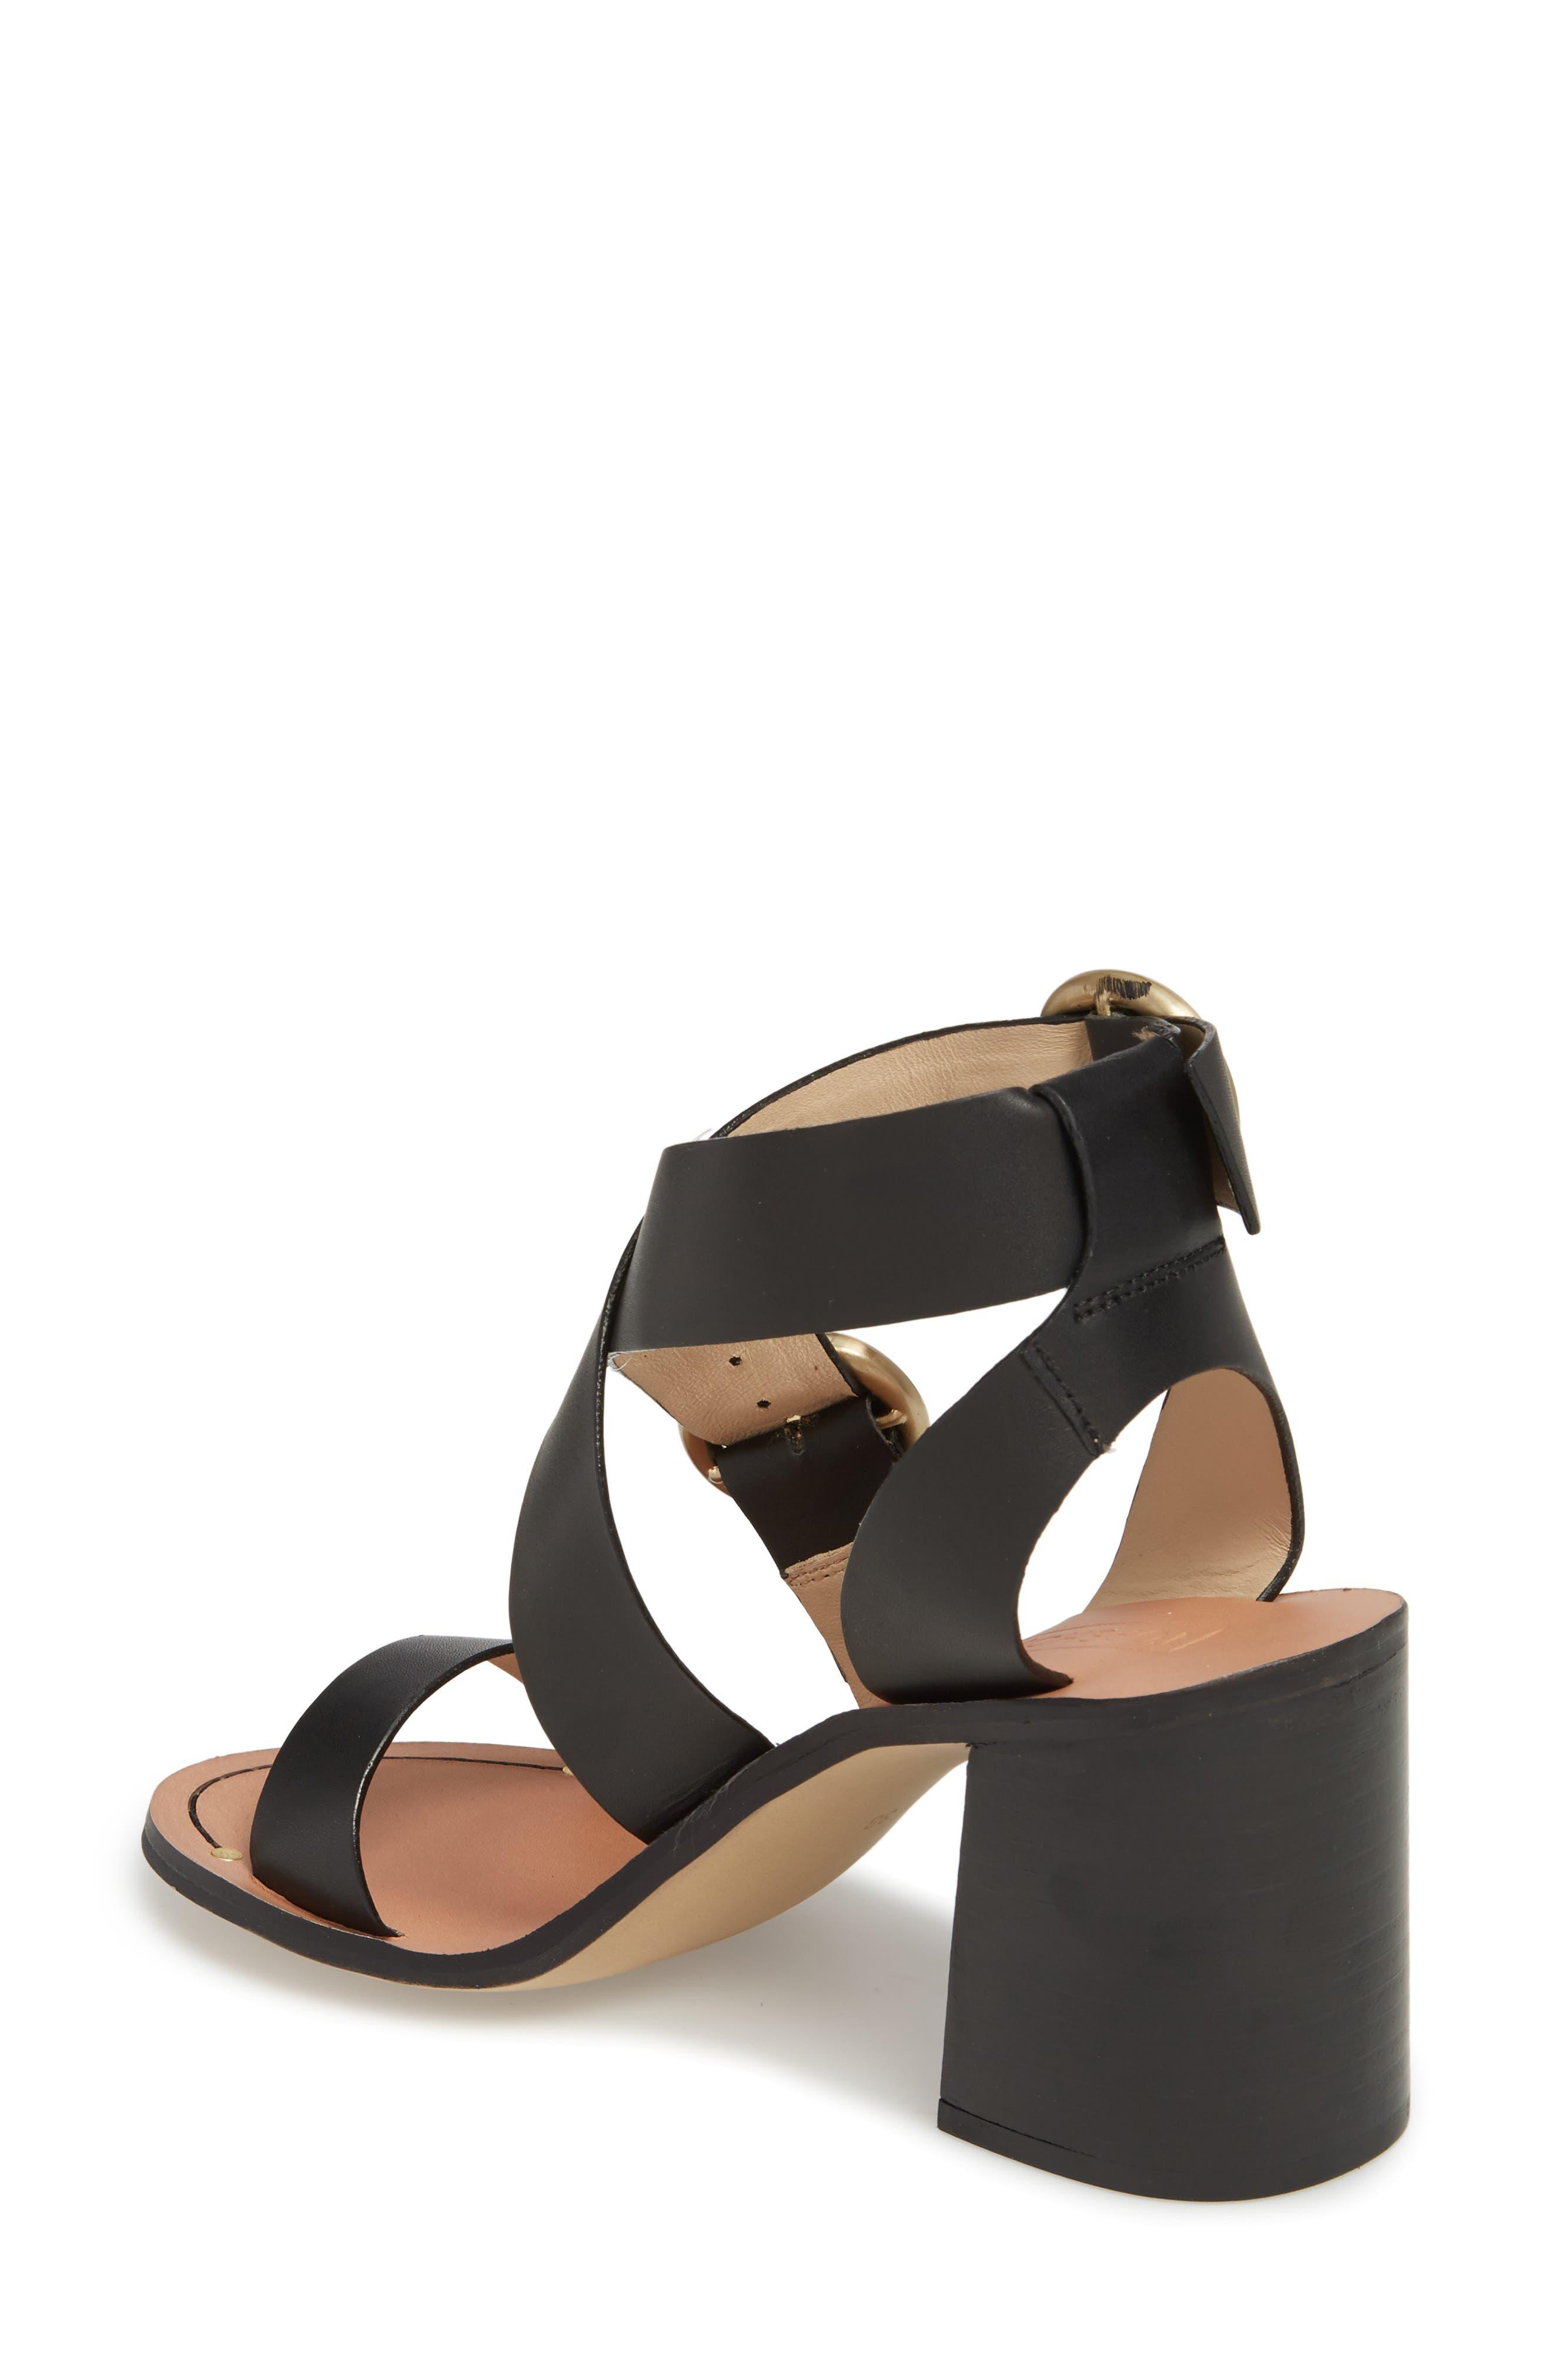 Natalie Buckled Cross Strap Sandal,                             Alternate thumbnail 2, color,                             Black Multi